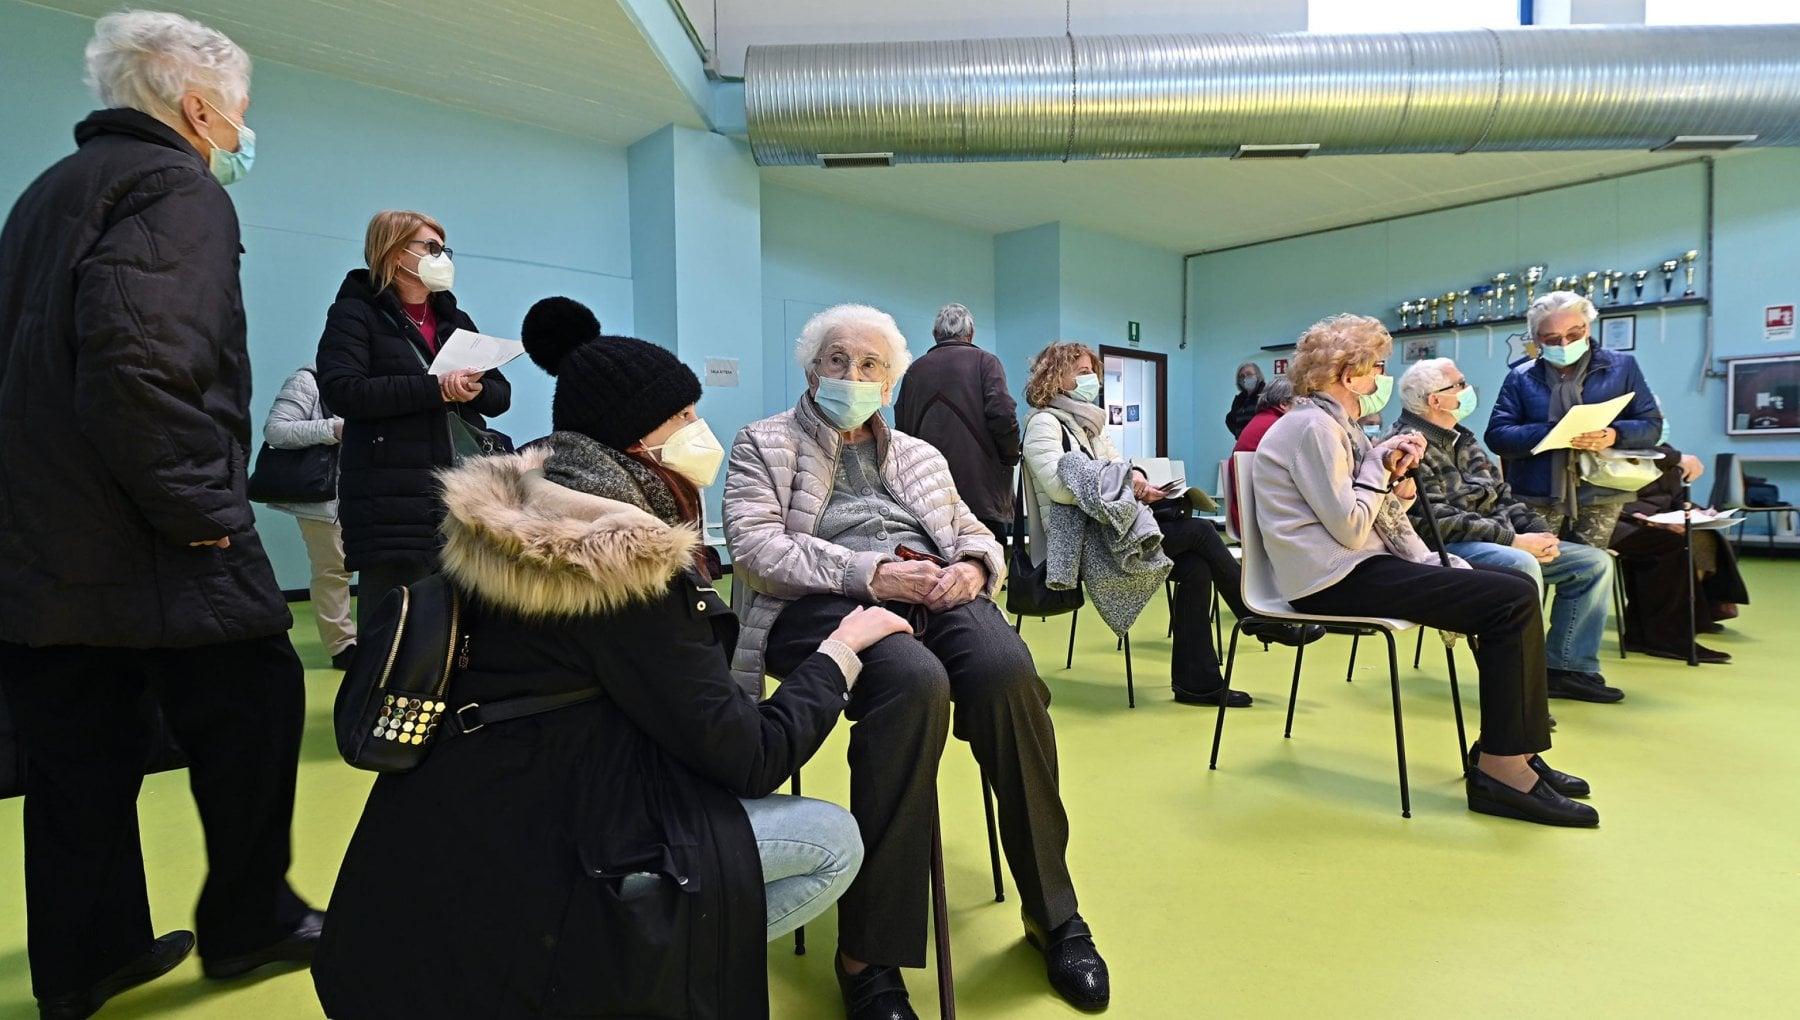 Vaccini: slitta la consegna Pfizer, a rischio le vaccinazioni over 80 in  Piemonte - la Repubblica